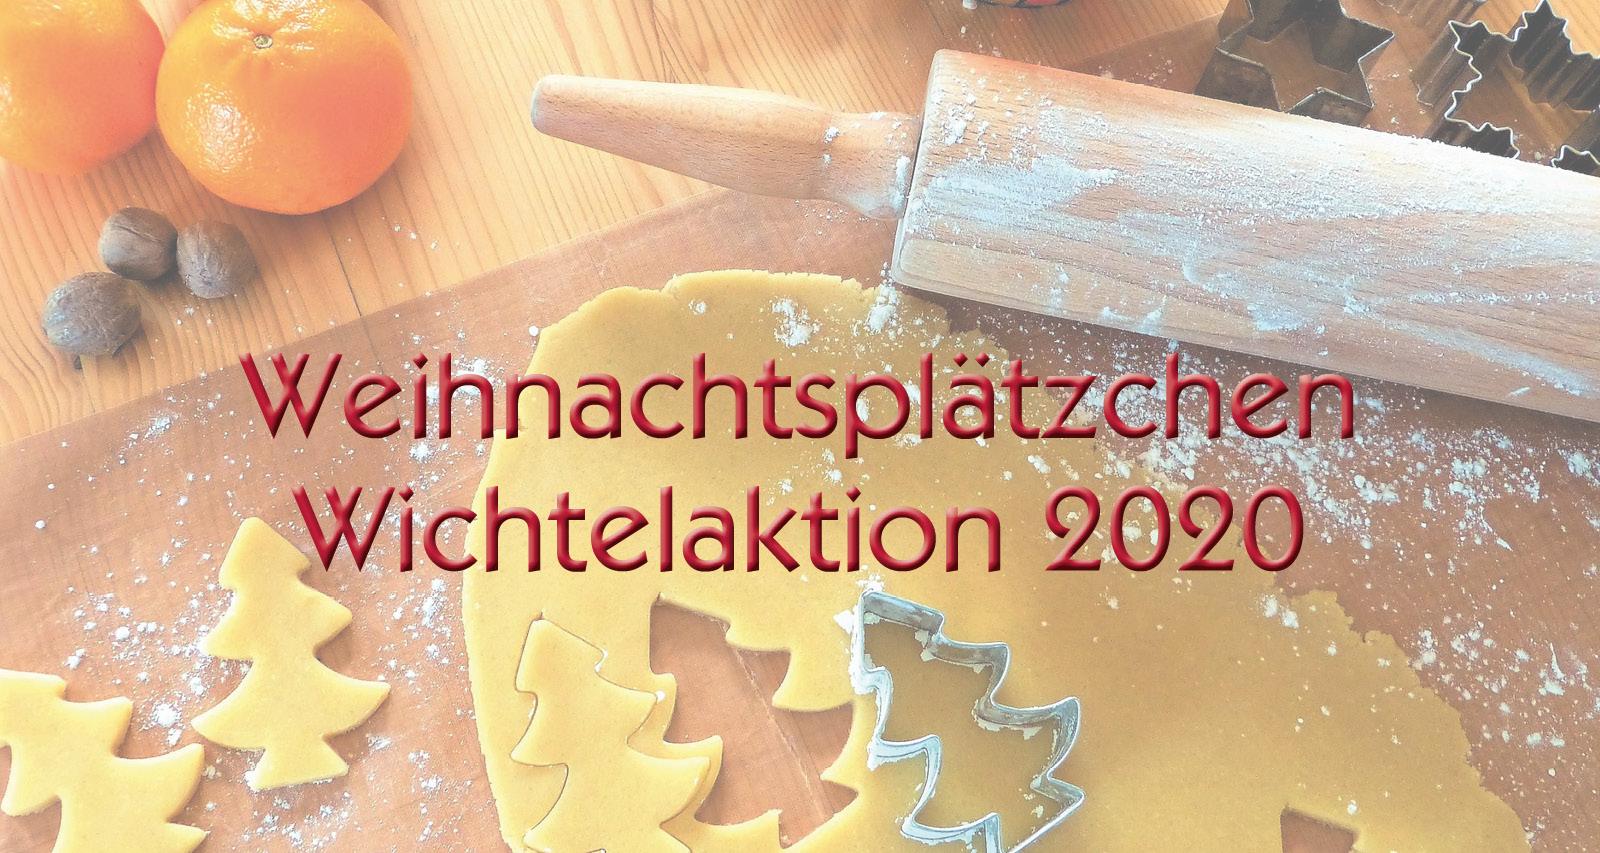 Weihnachtsplätzchen-Wichtelaktion 2020